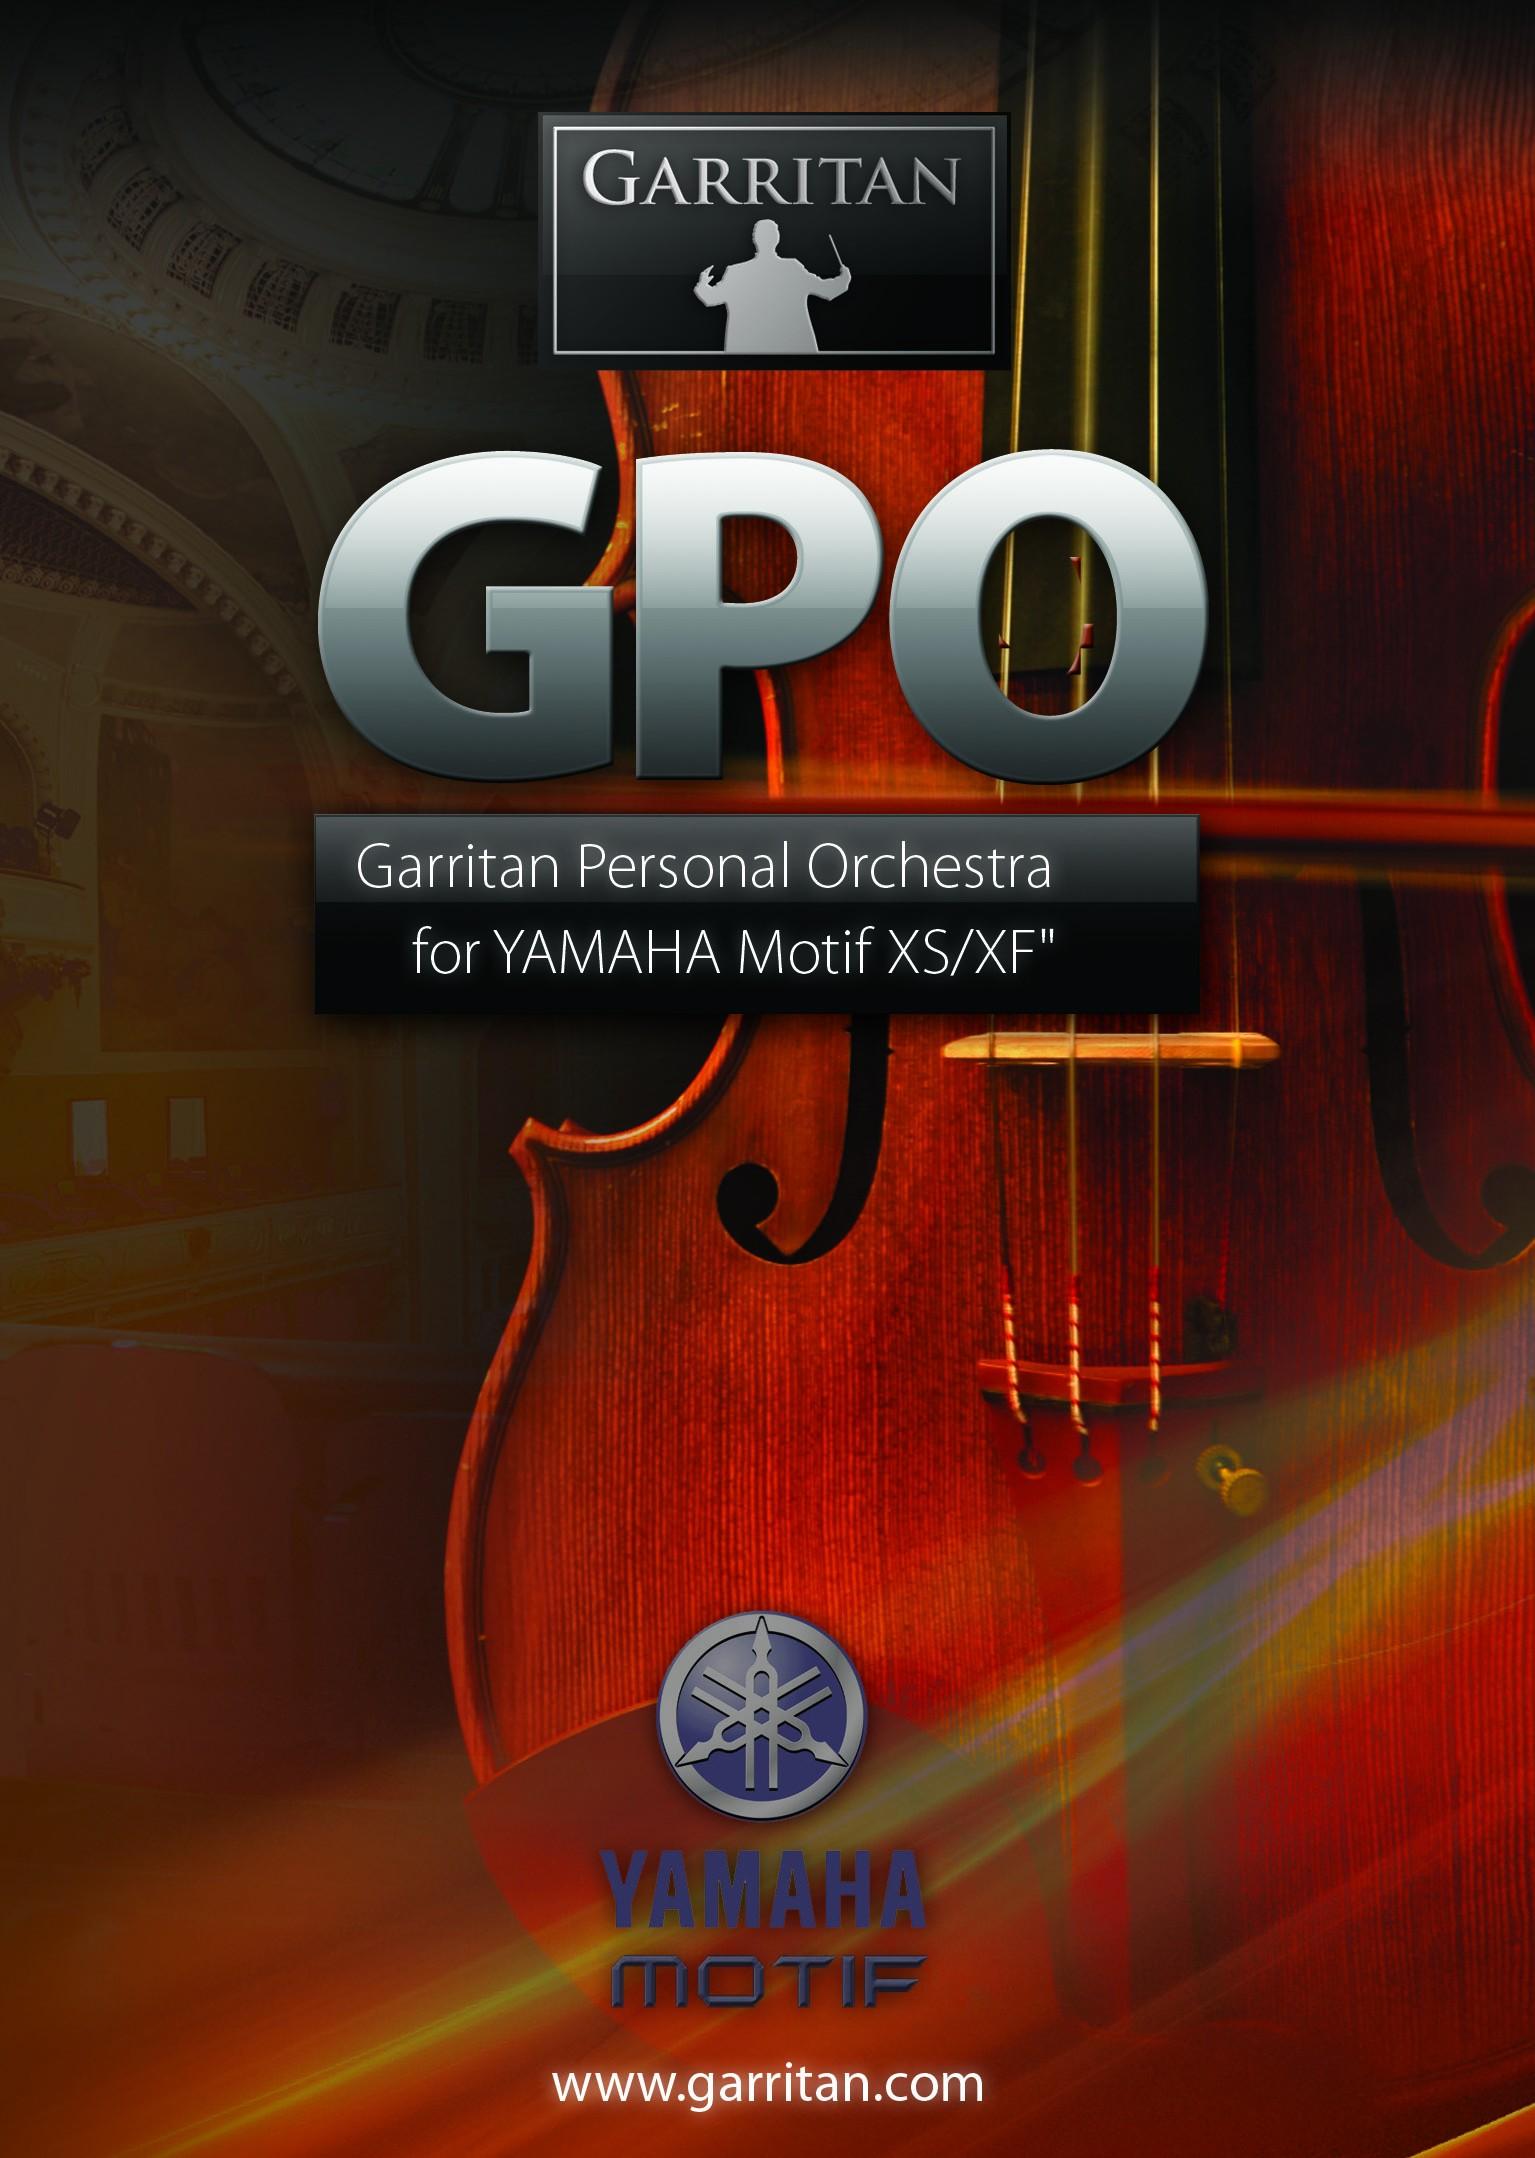 Garritan GPO Lite For Motif XS/XF